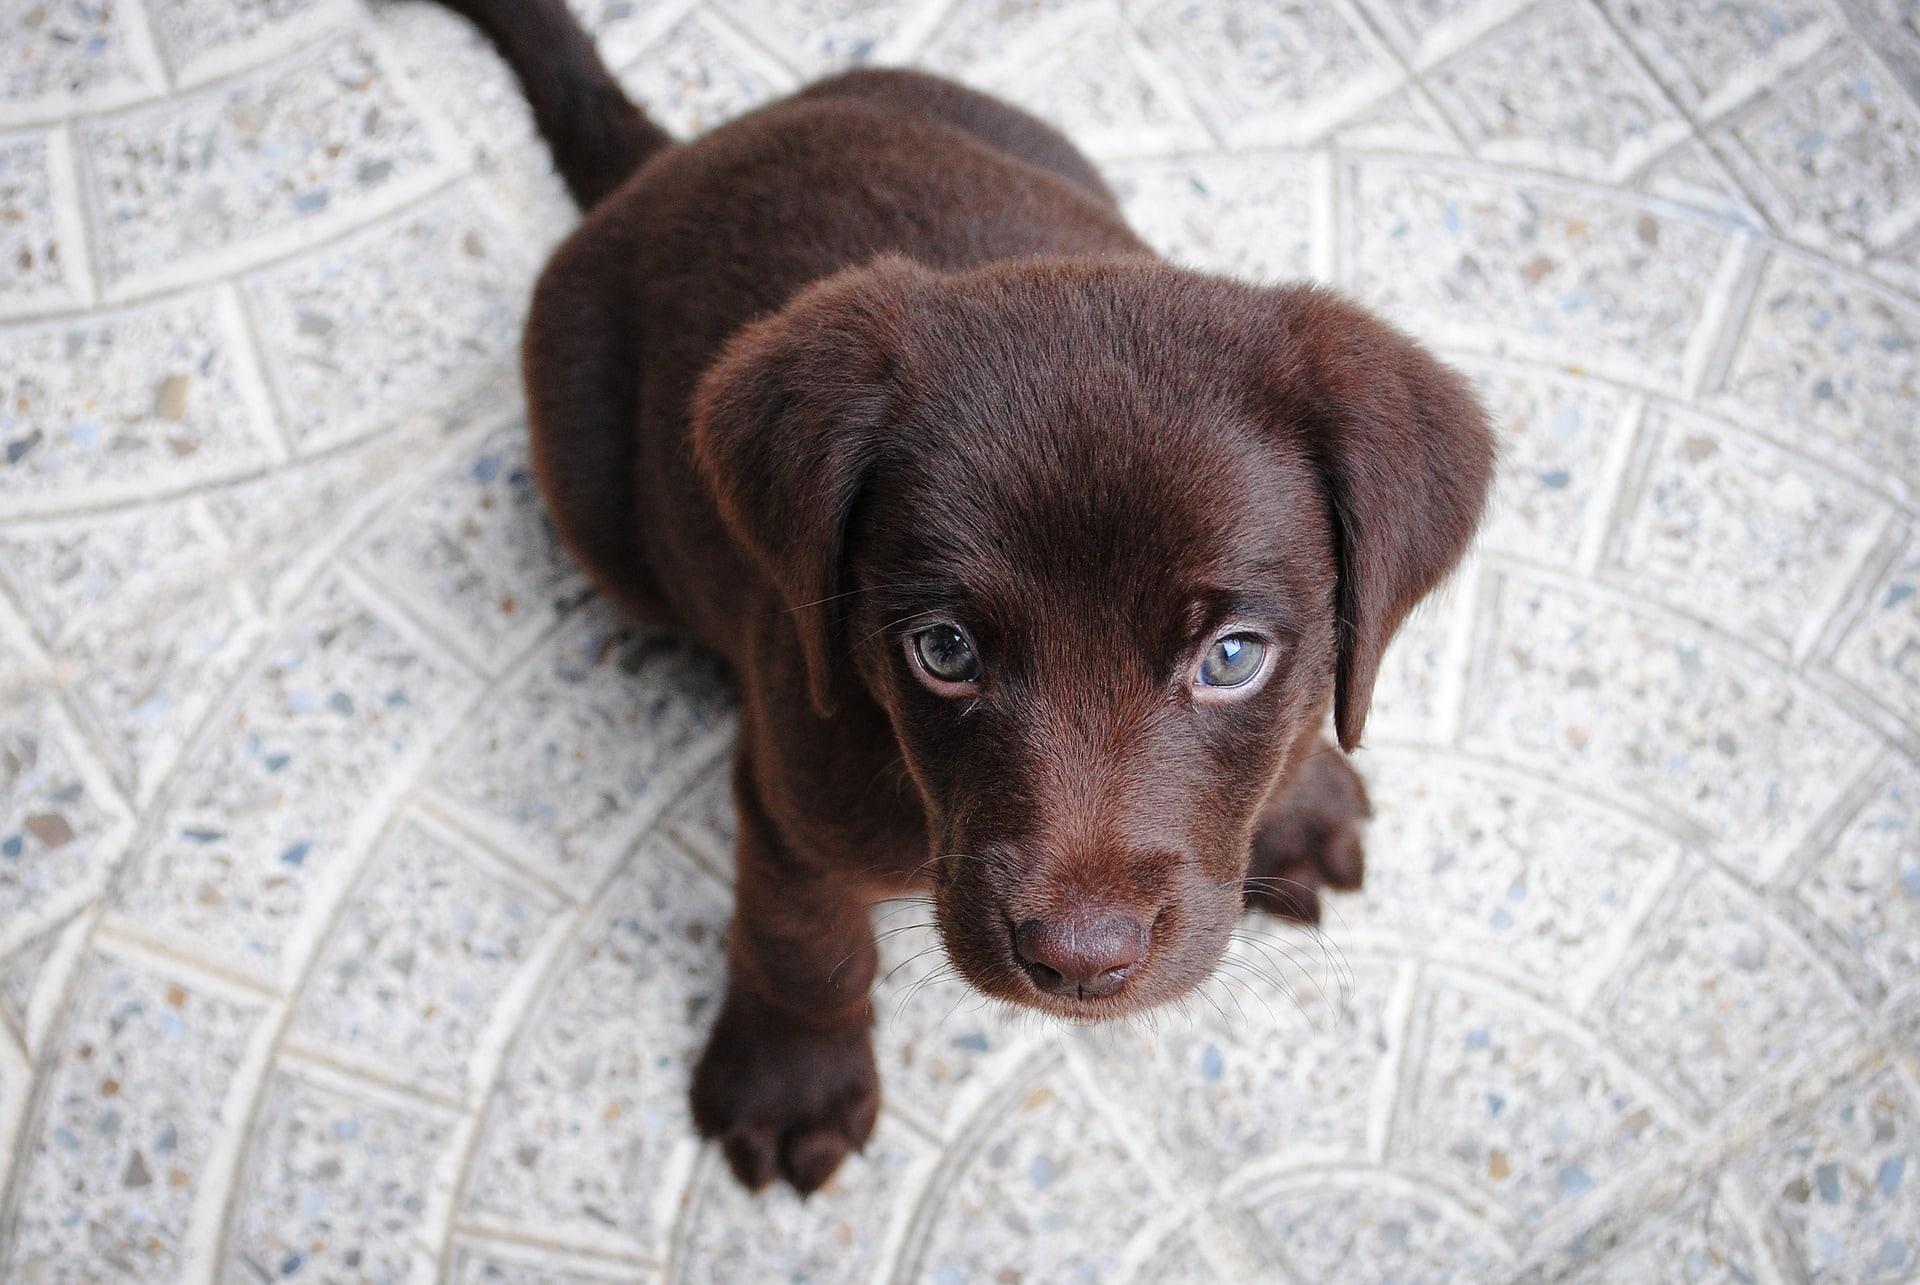 Auch der Labrador zählt als große Hunderassen.